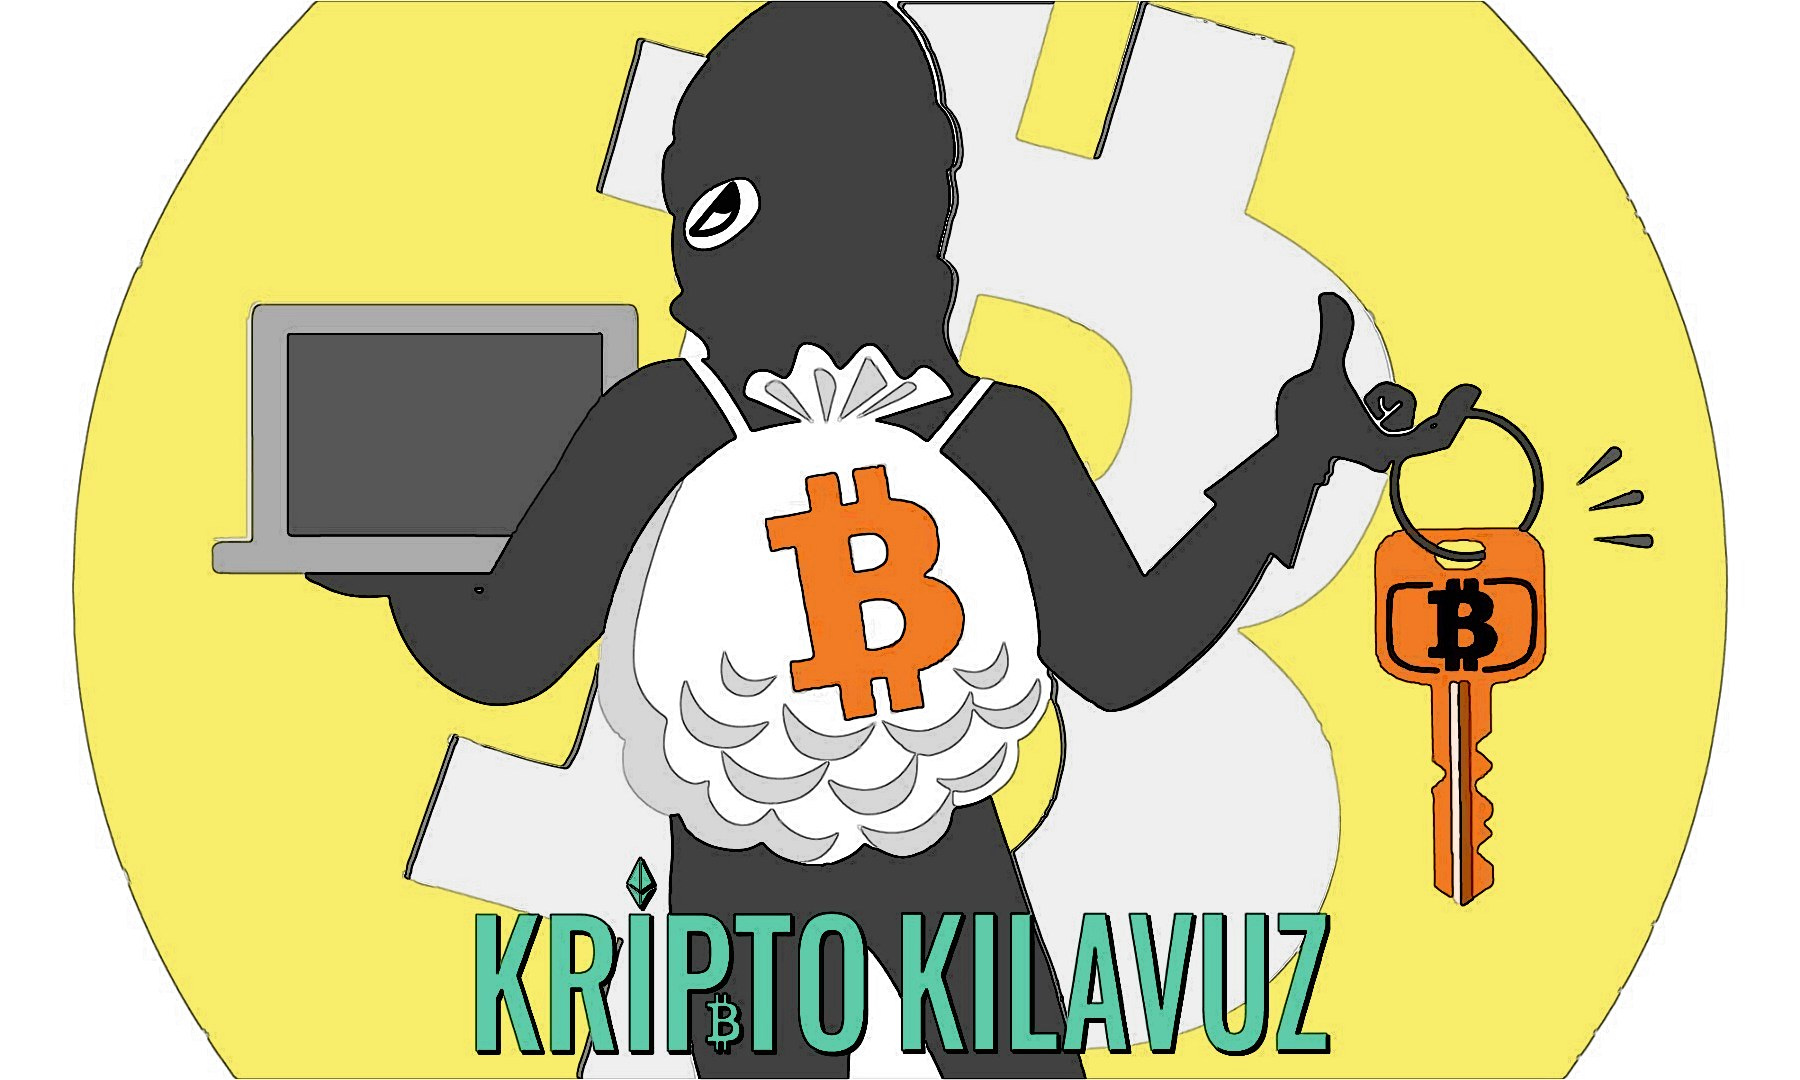 Tayvan'da Kripto Para Dolandırıcılığından 7 Kişi Tutuklandı